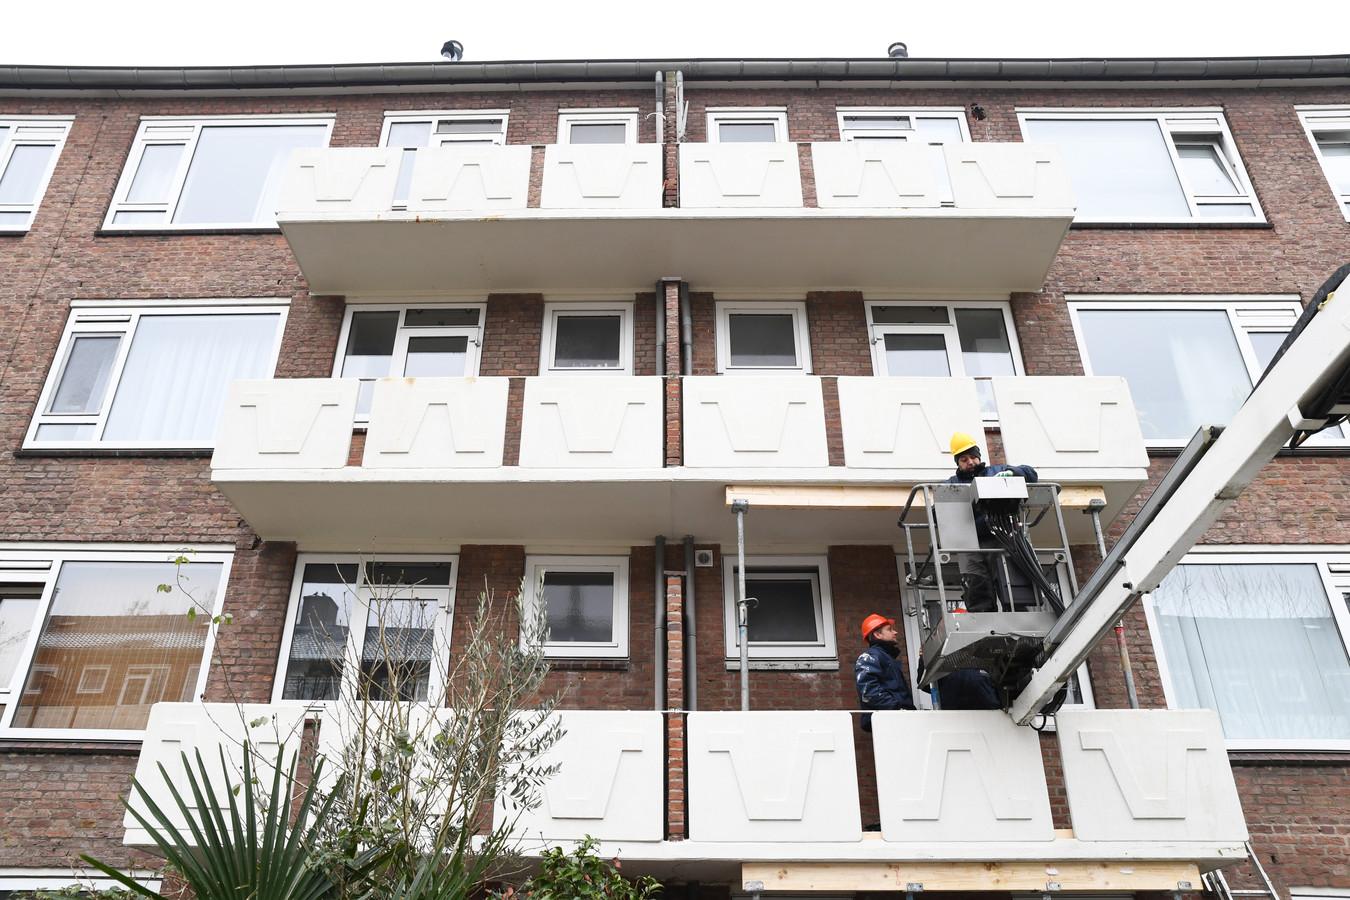 Balkons in de wijk Heuvel in Breda worden met spoed gestempeld.